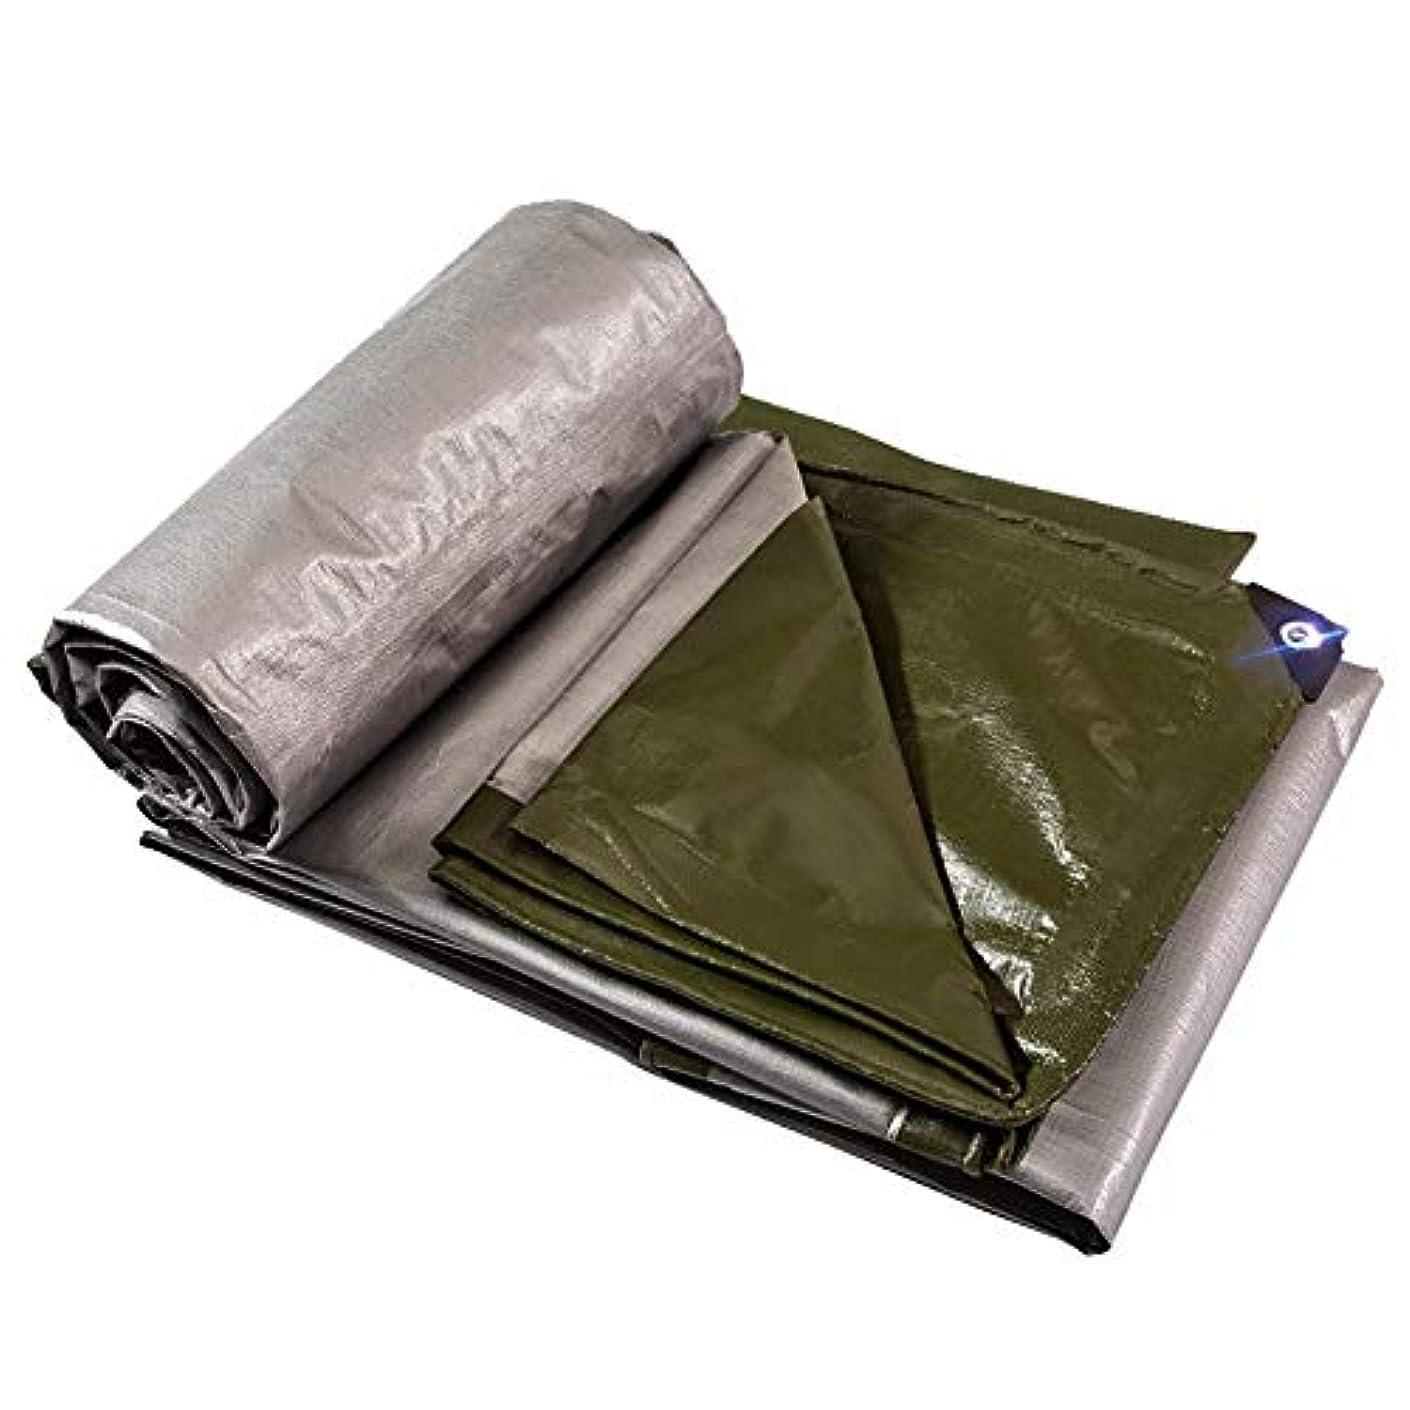 梨織る水陸両用Lixingmingqi 屋外用防水シート防水防水シート屋外用防水シートテント